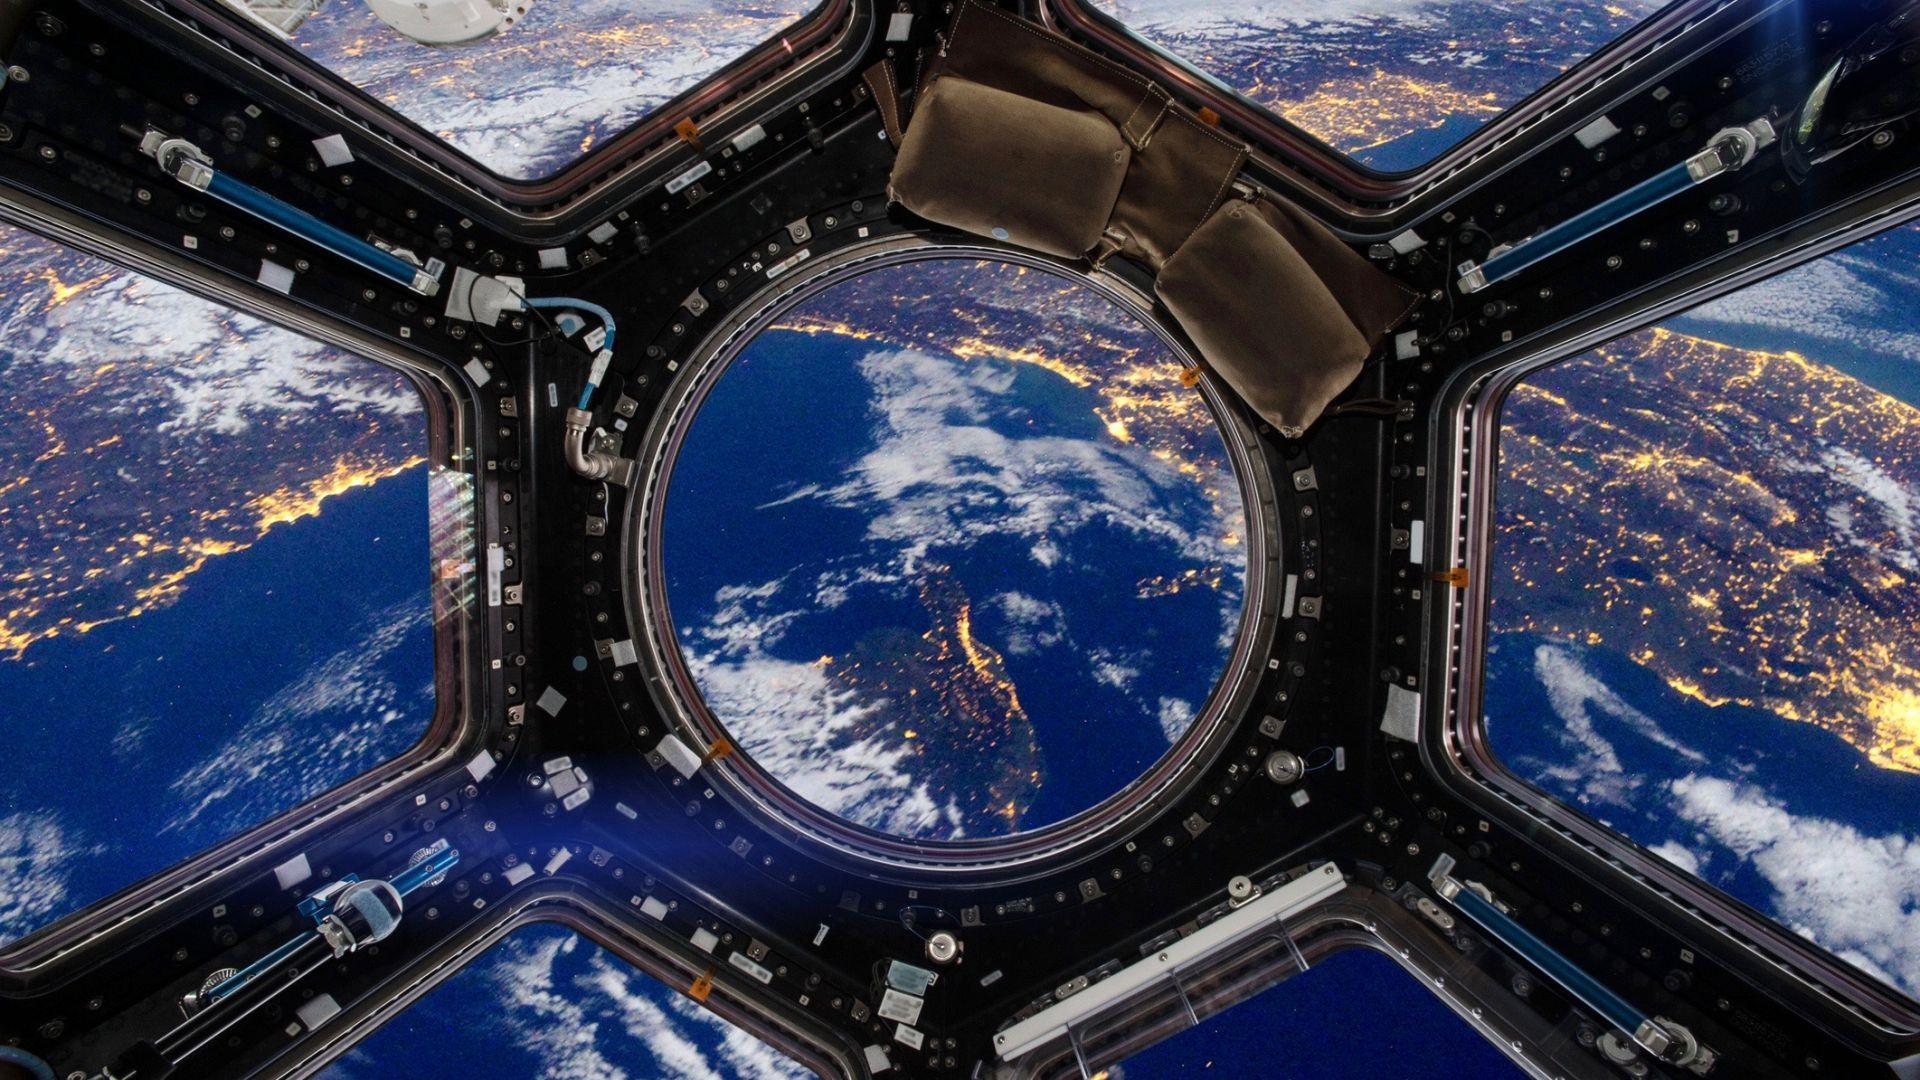 НАСА: Нека Русия ремонтира тоалетната ни в космоса